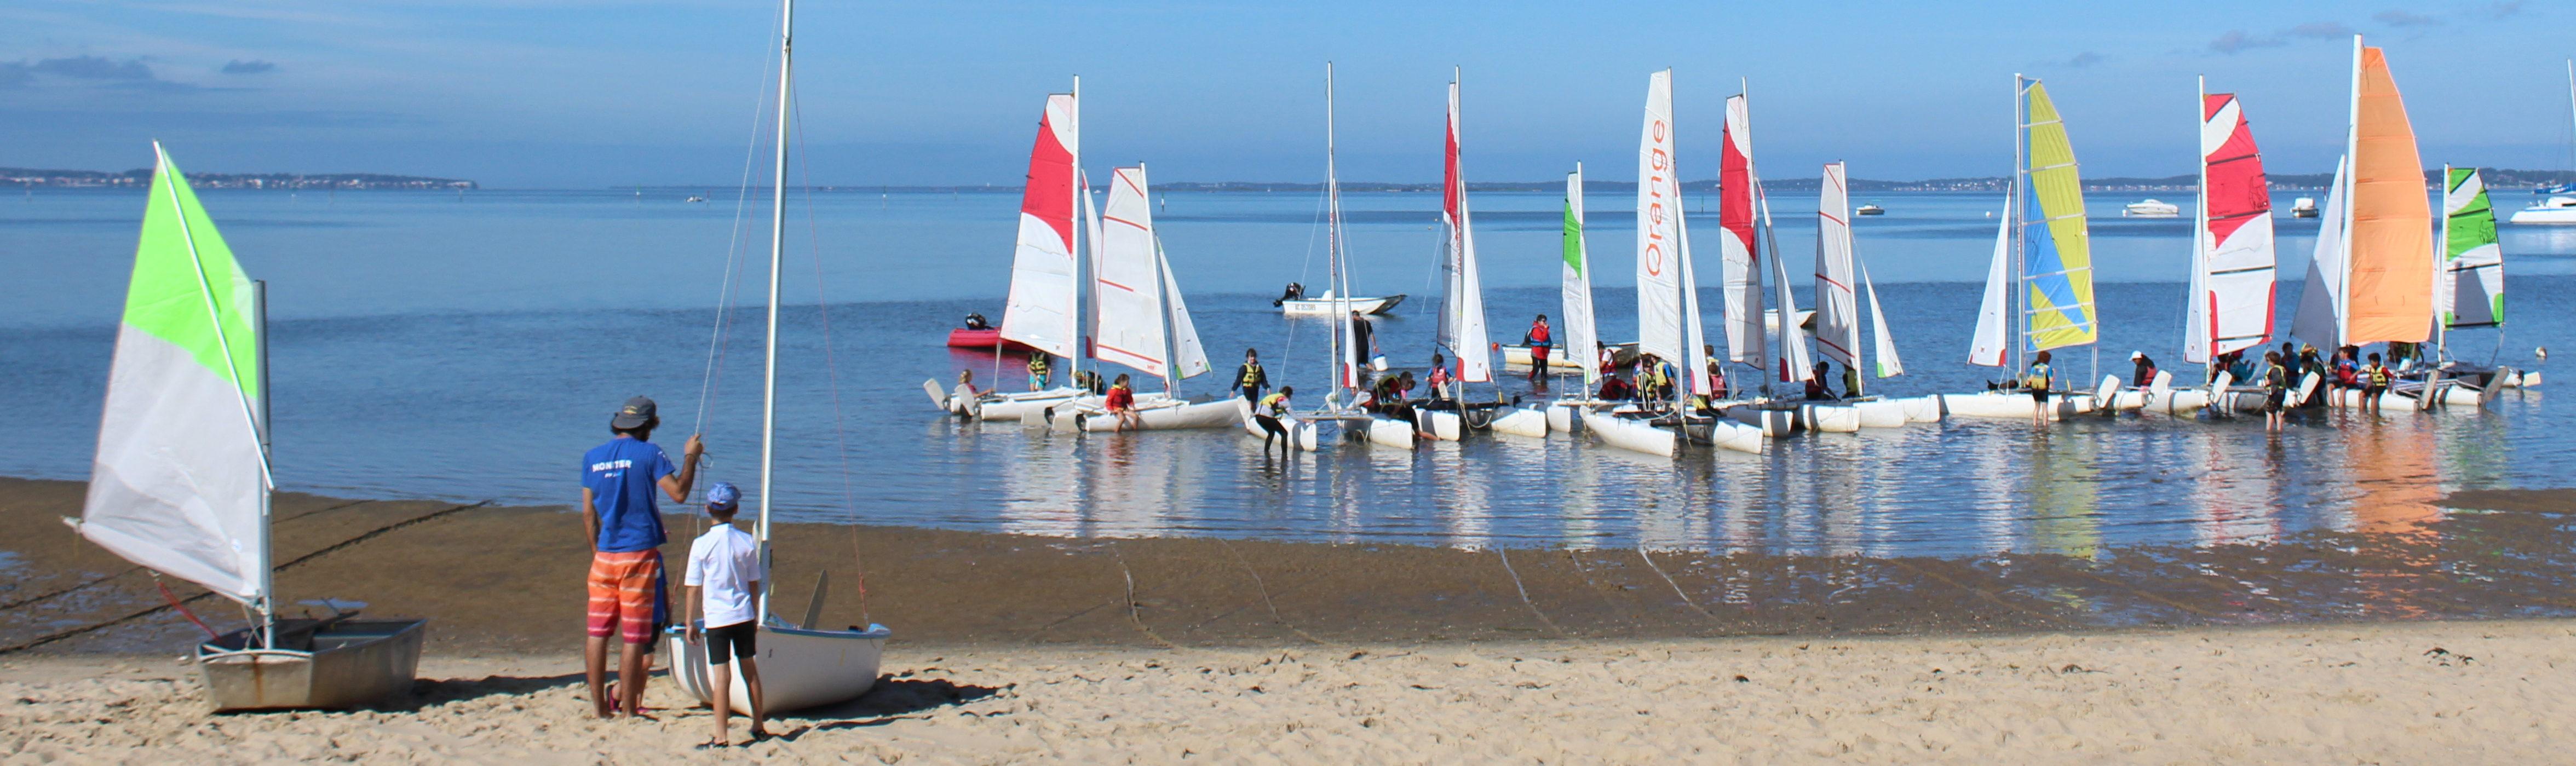 Voiles sports nautiques Andernosiens à la plage du Bétey - crédit photo Andernos tourisme